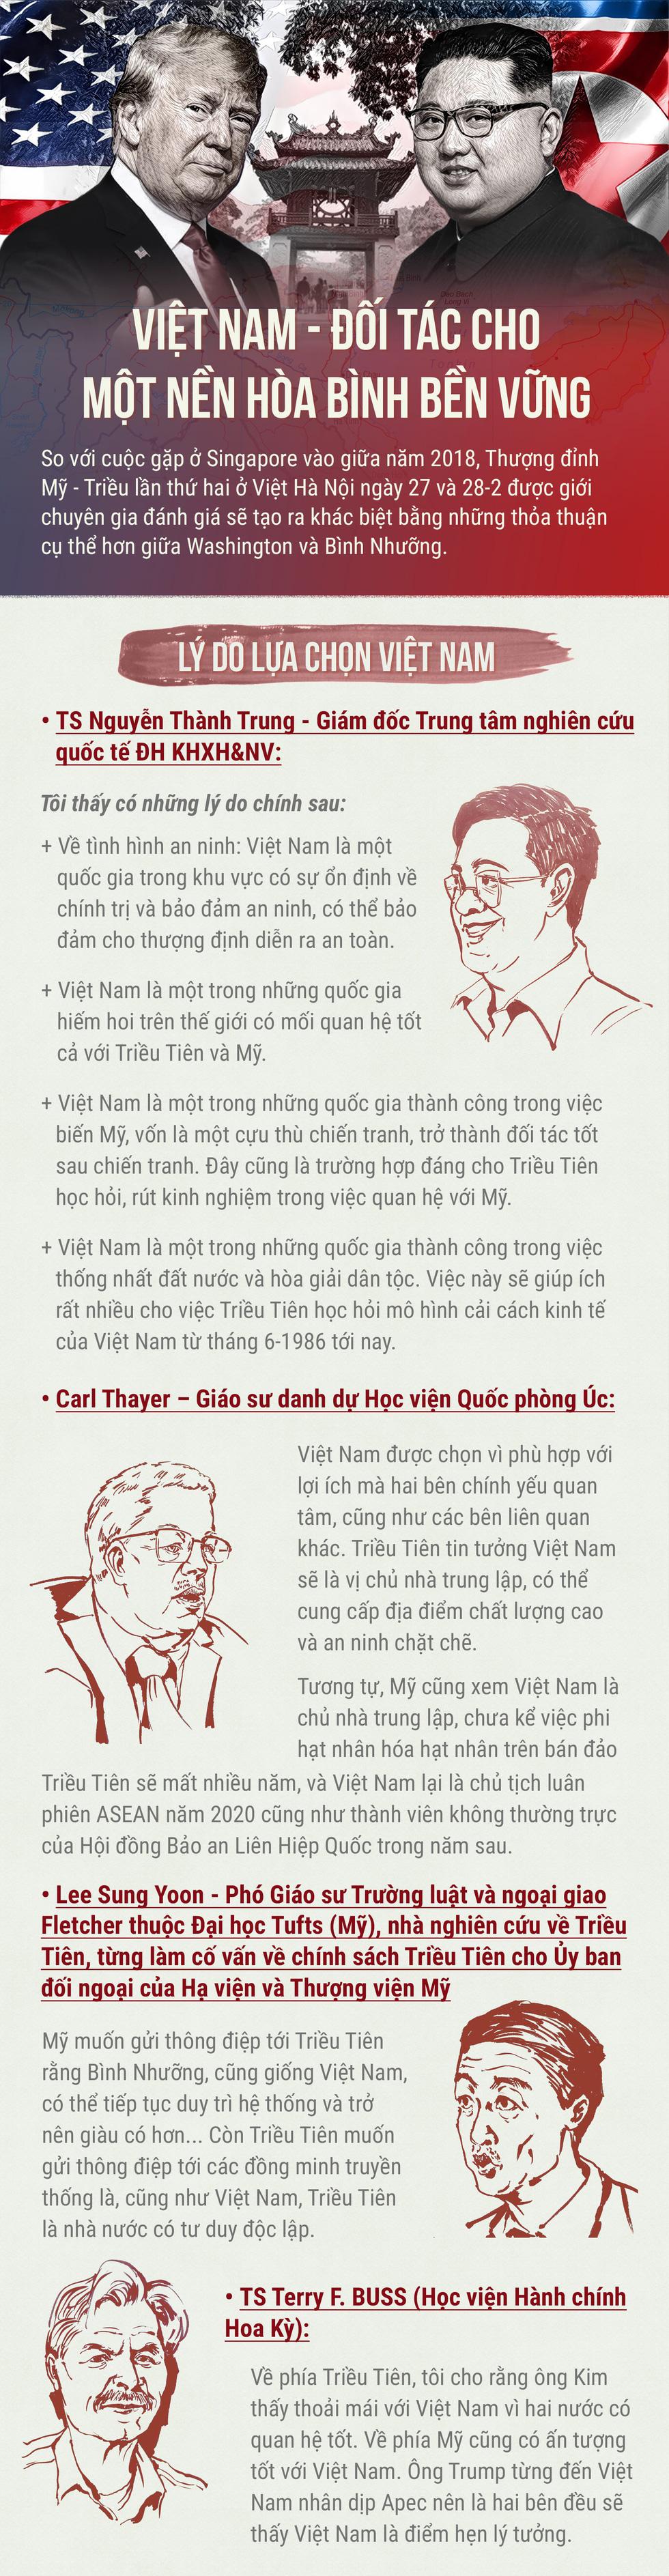 Việt Nam - Đối tác cho một nền hòa bình bền vững - Ảnh 1.